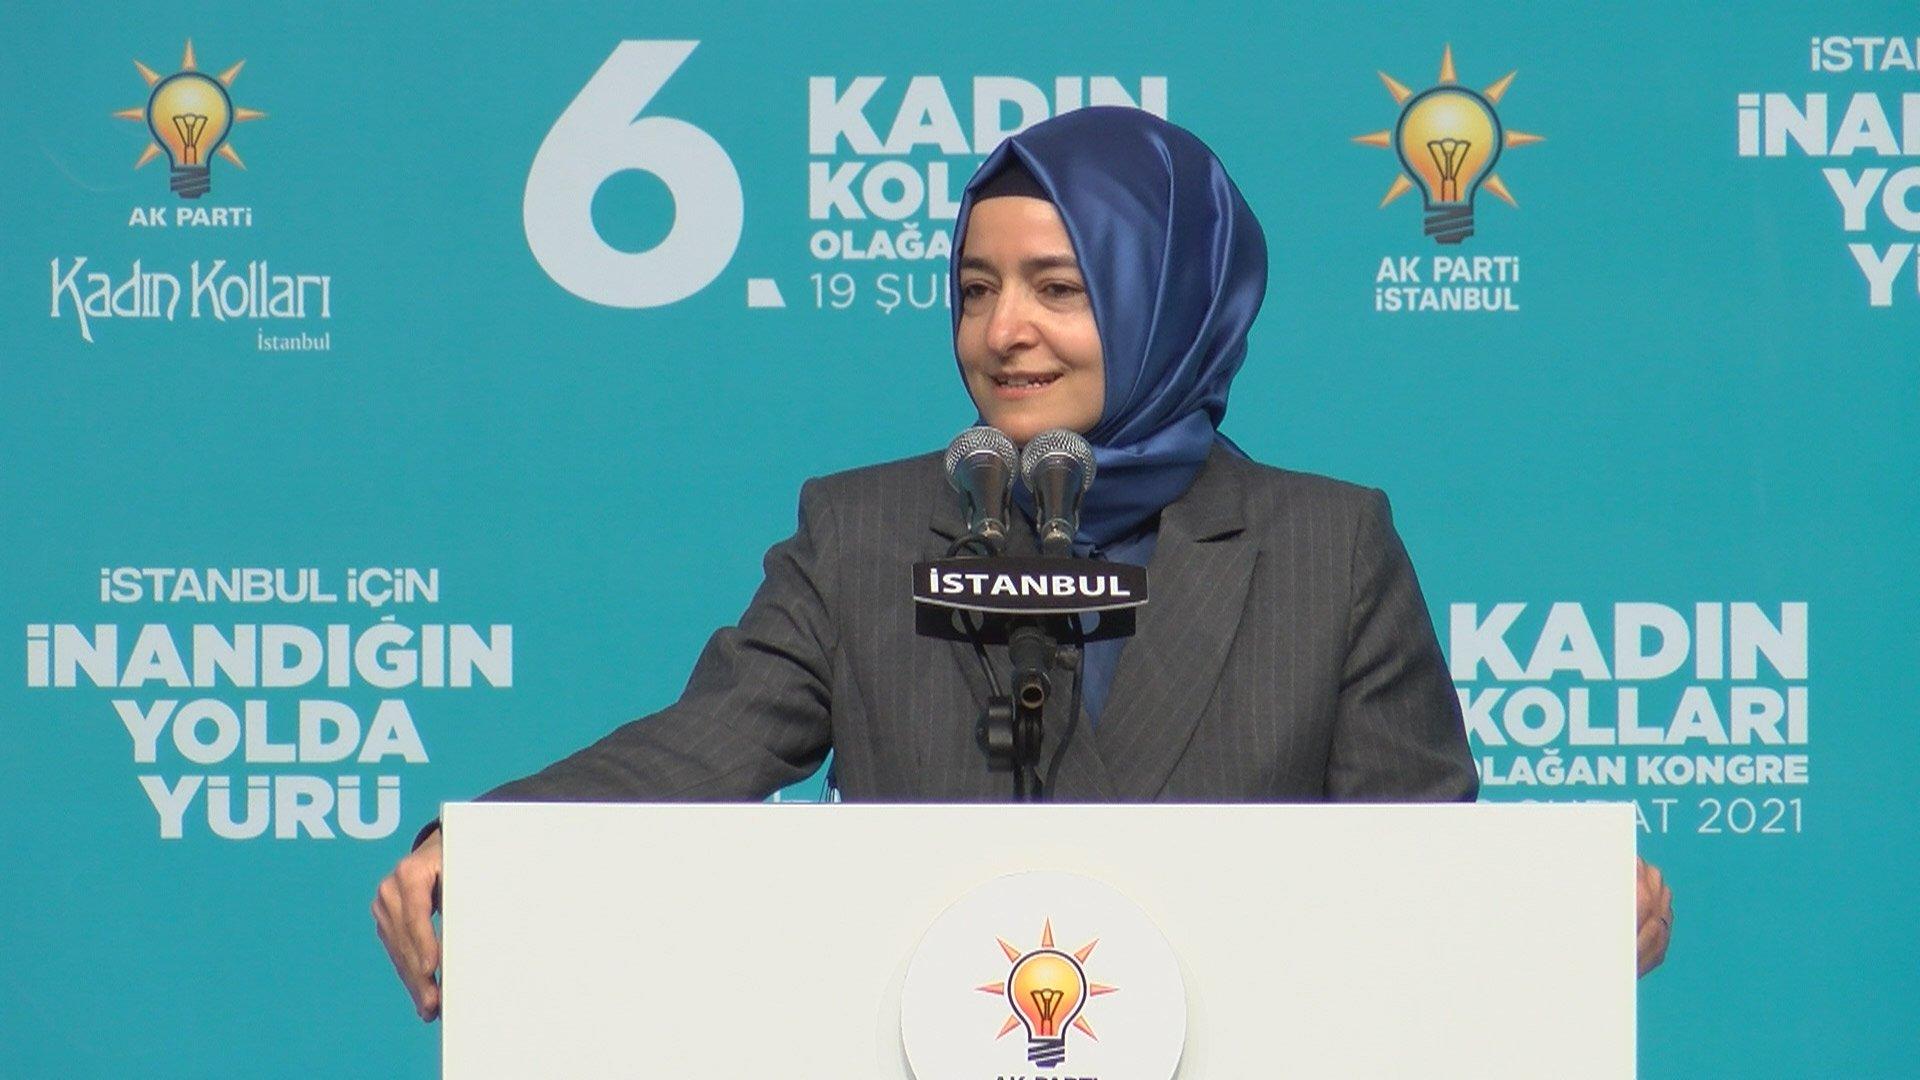 AK Parti İstanbul İl Kadın Kolları 6. Olağan Kongresi gerçekleşti